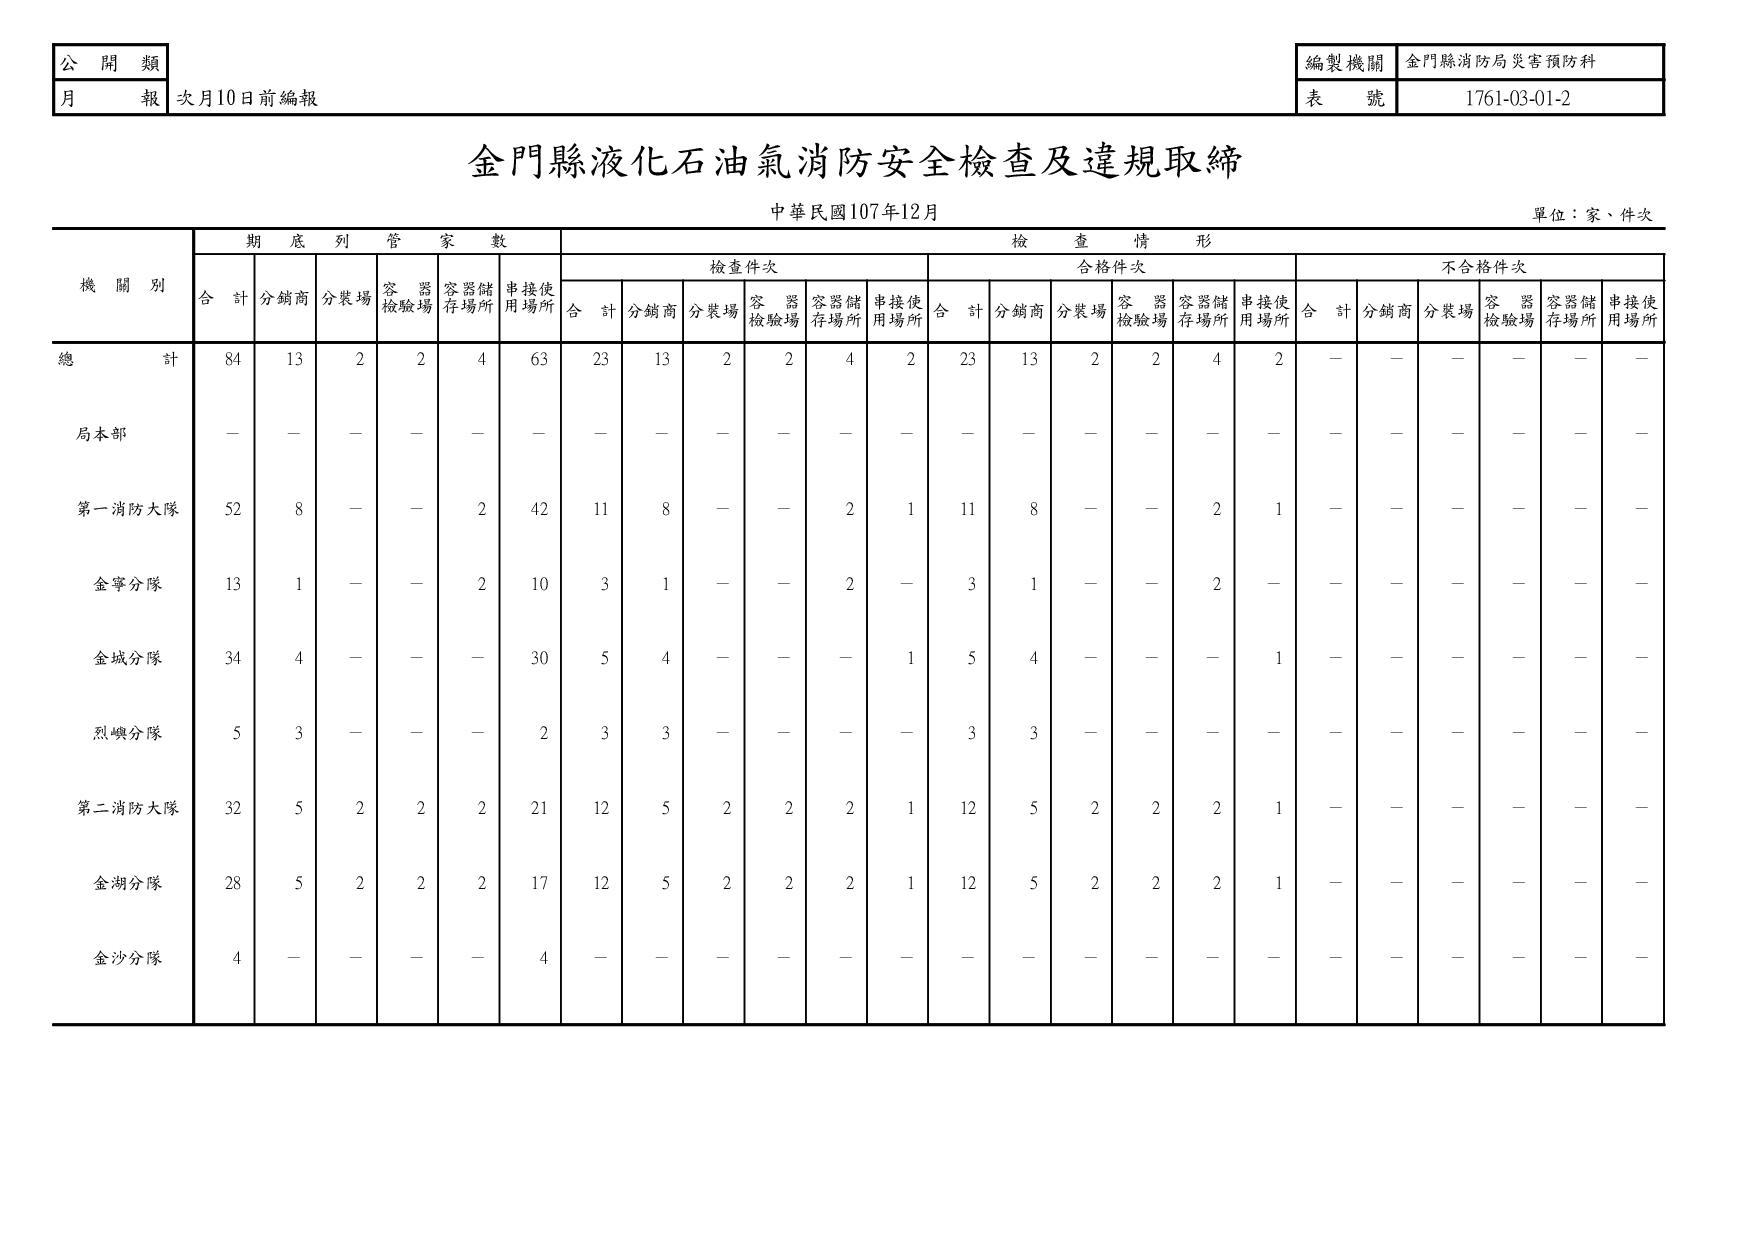 107年12月金門縣液化石油氣消防安全檢查及違規取締